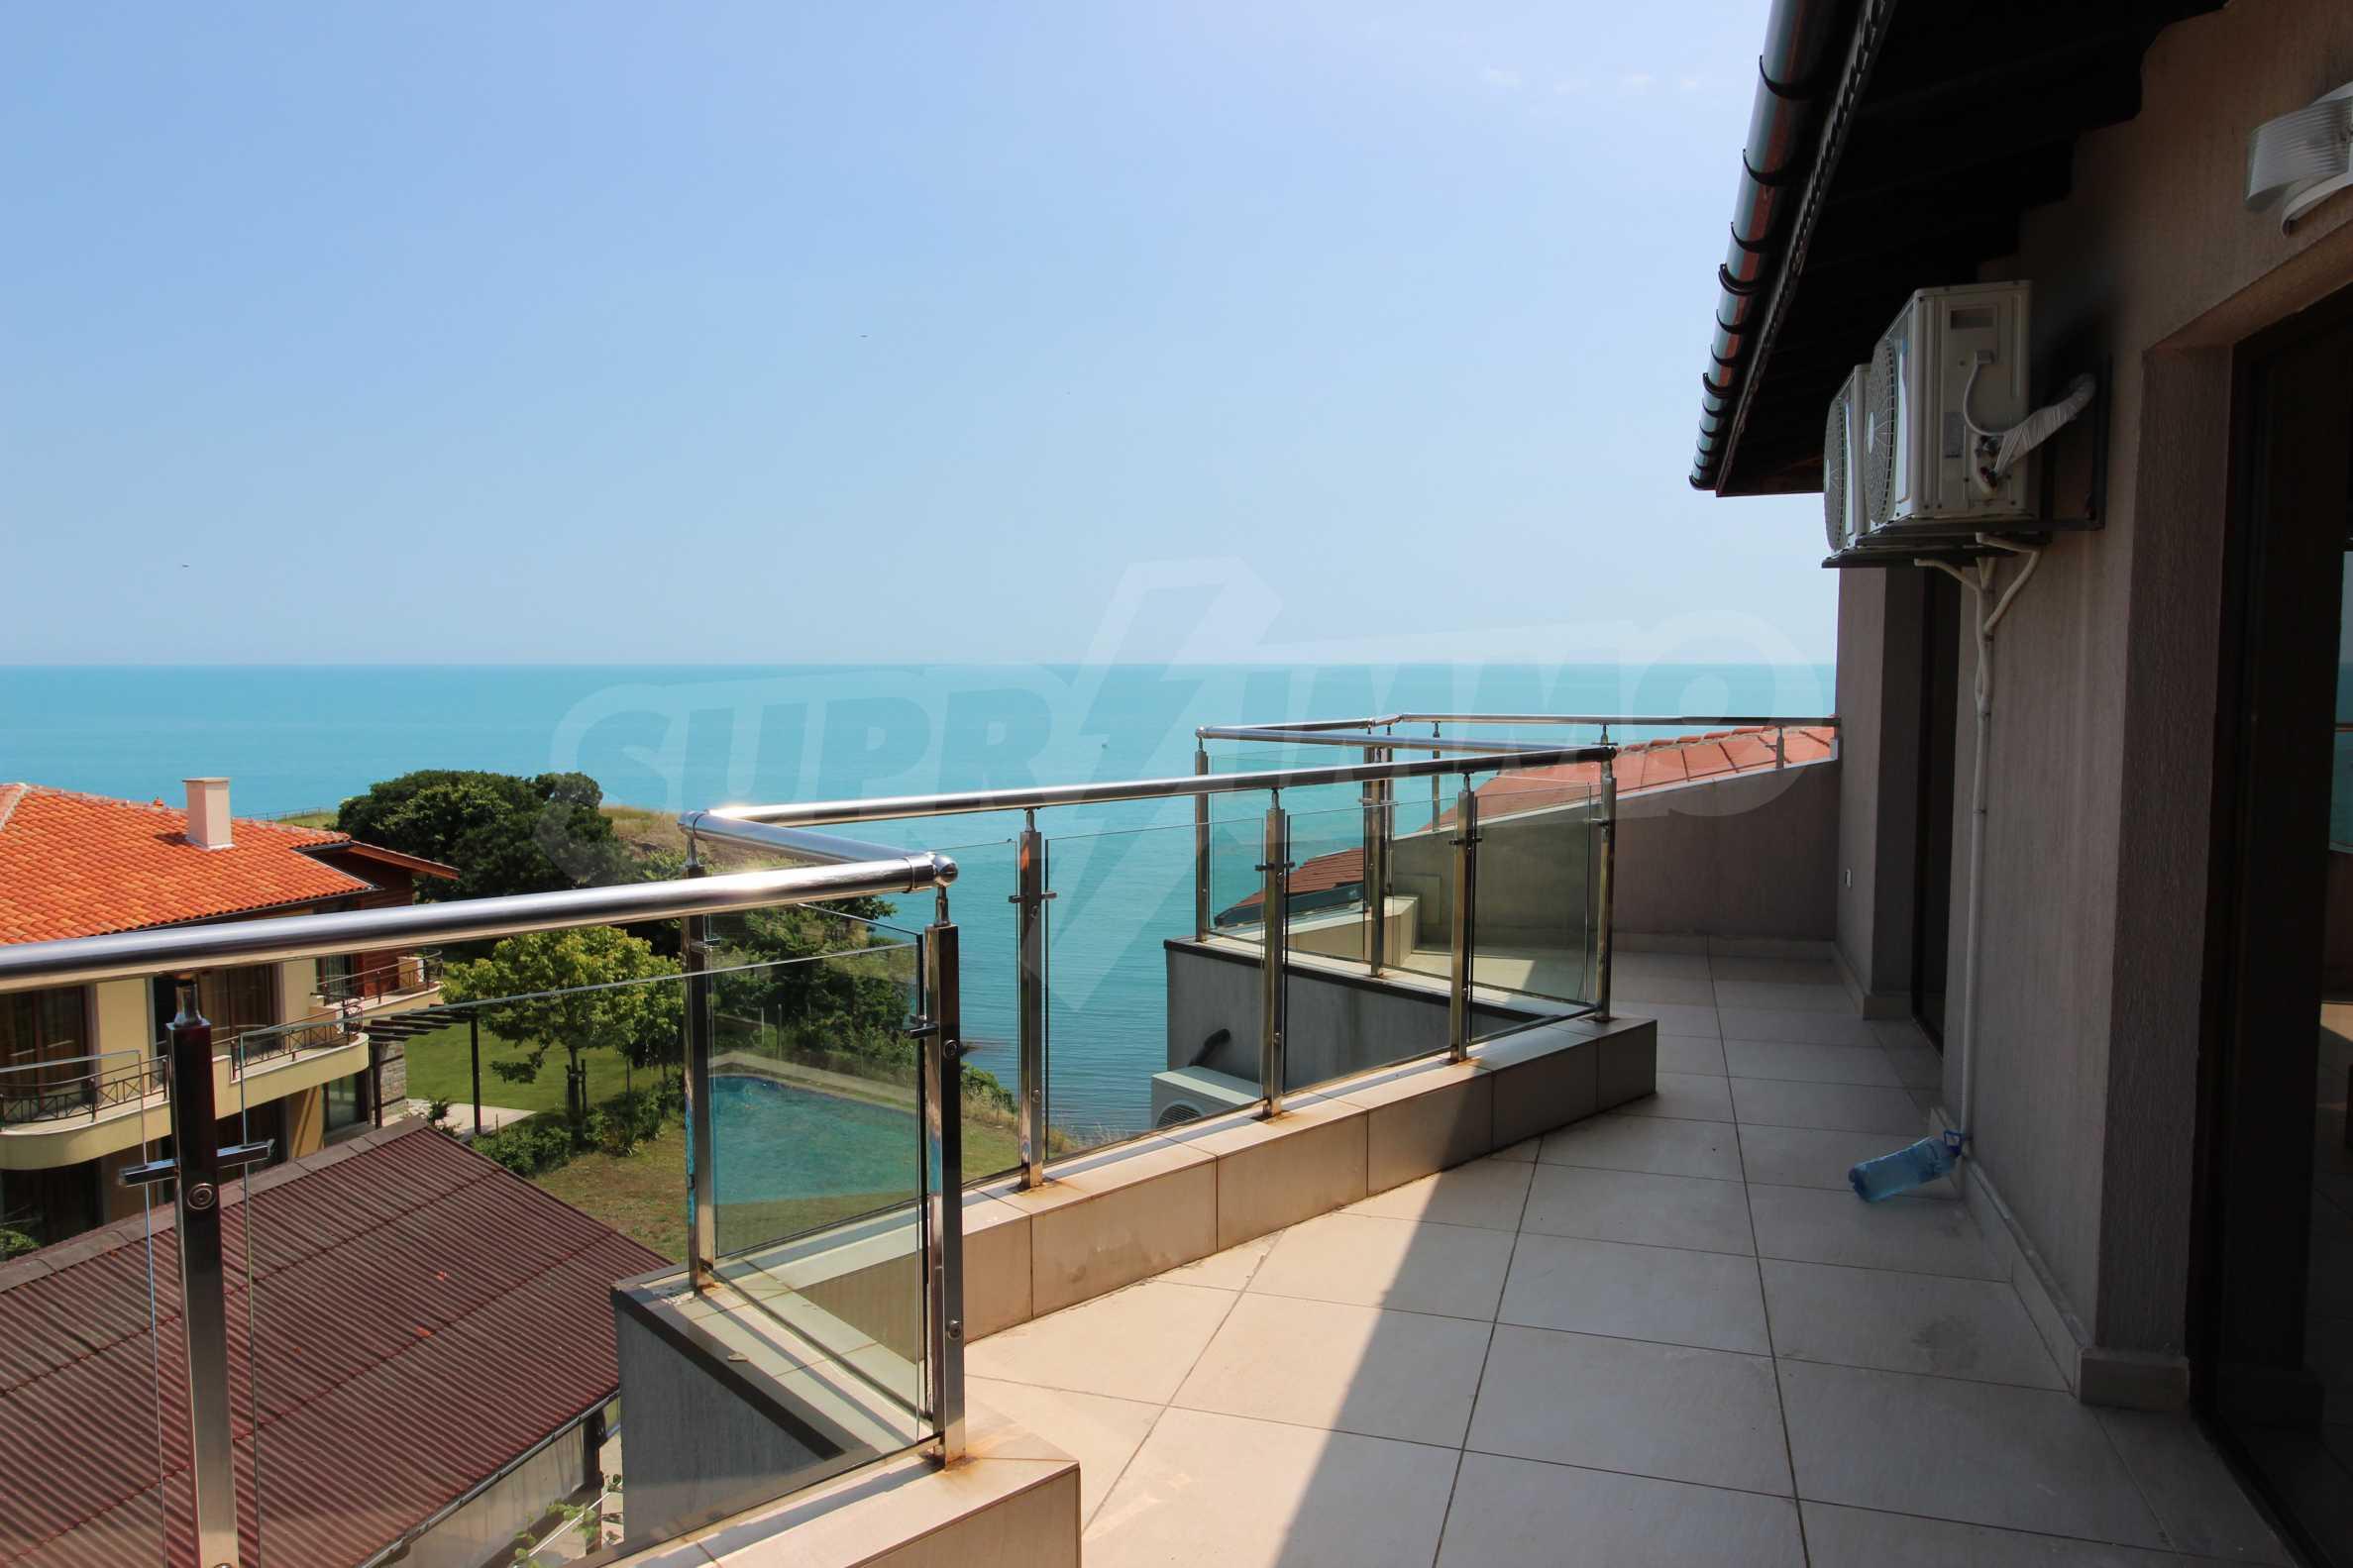 Модерен жилищен комплекс на самия бряг на морето в Синеморец 7